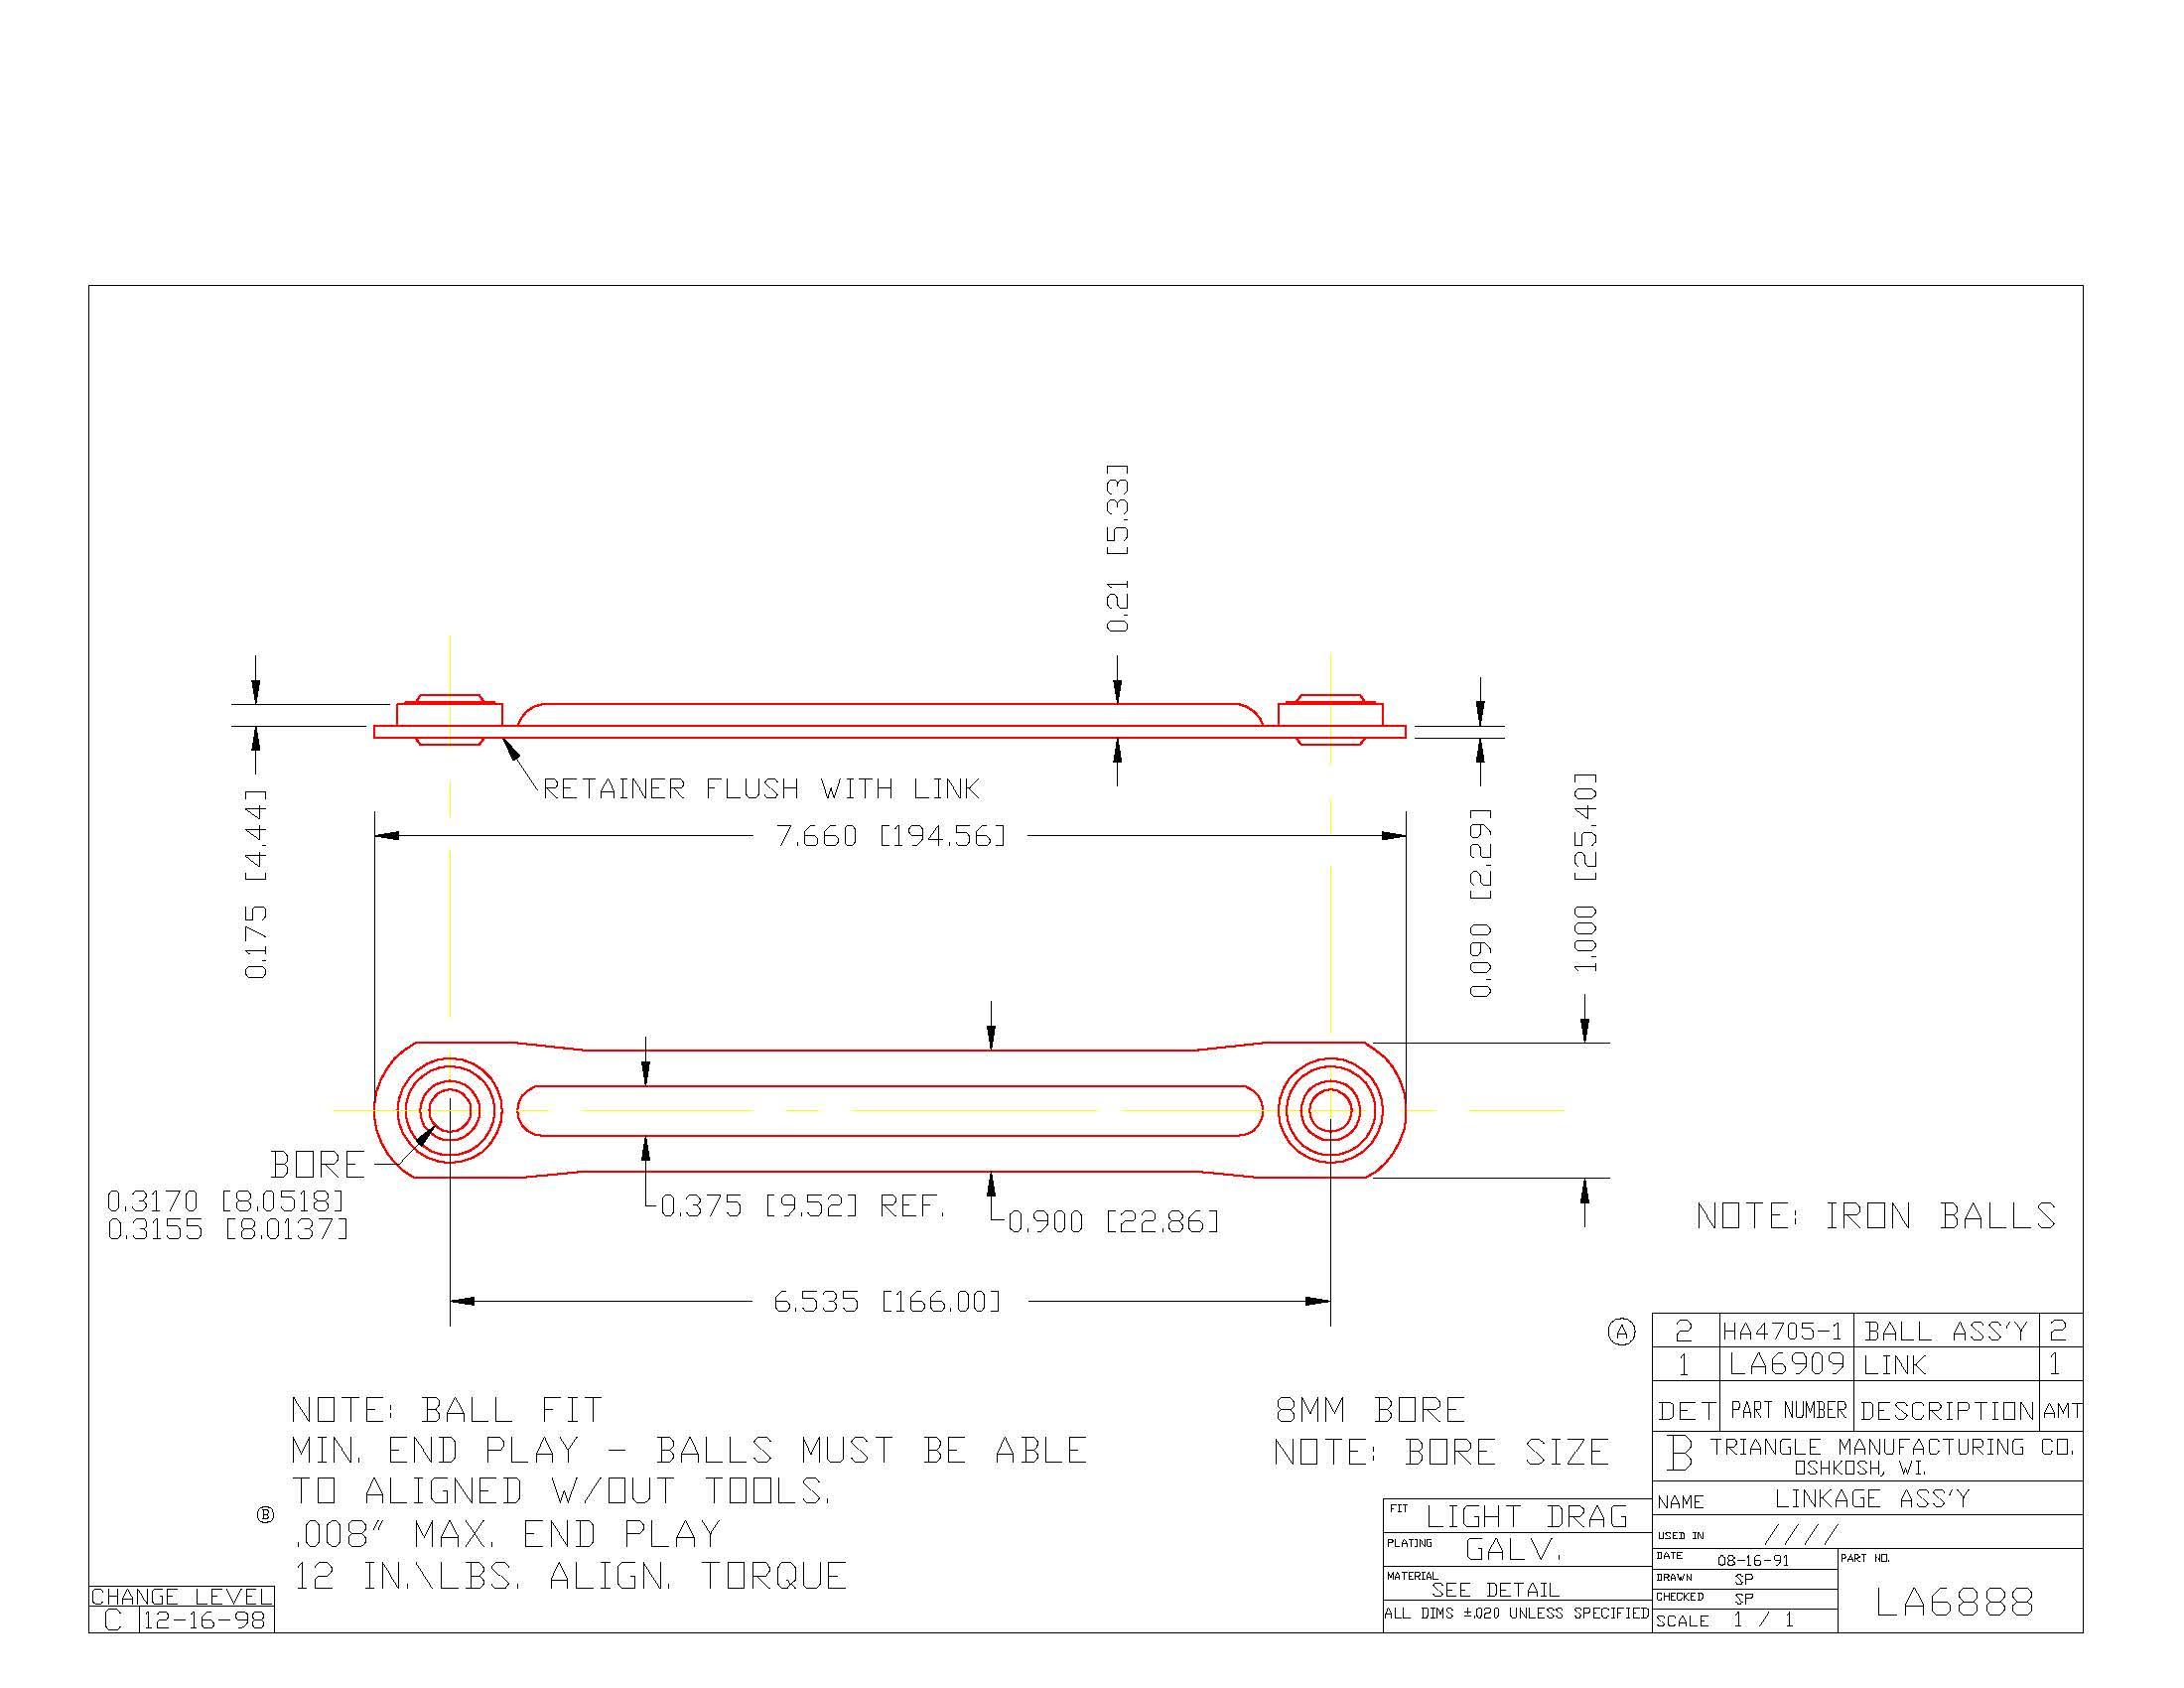 Linkage Assembly LA6888